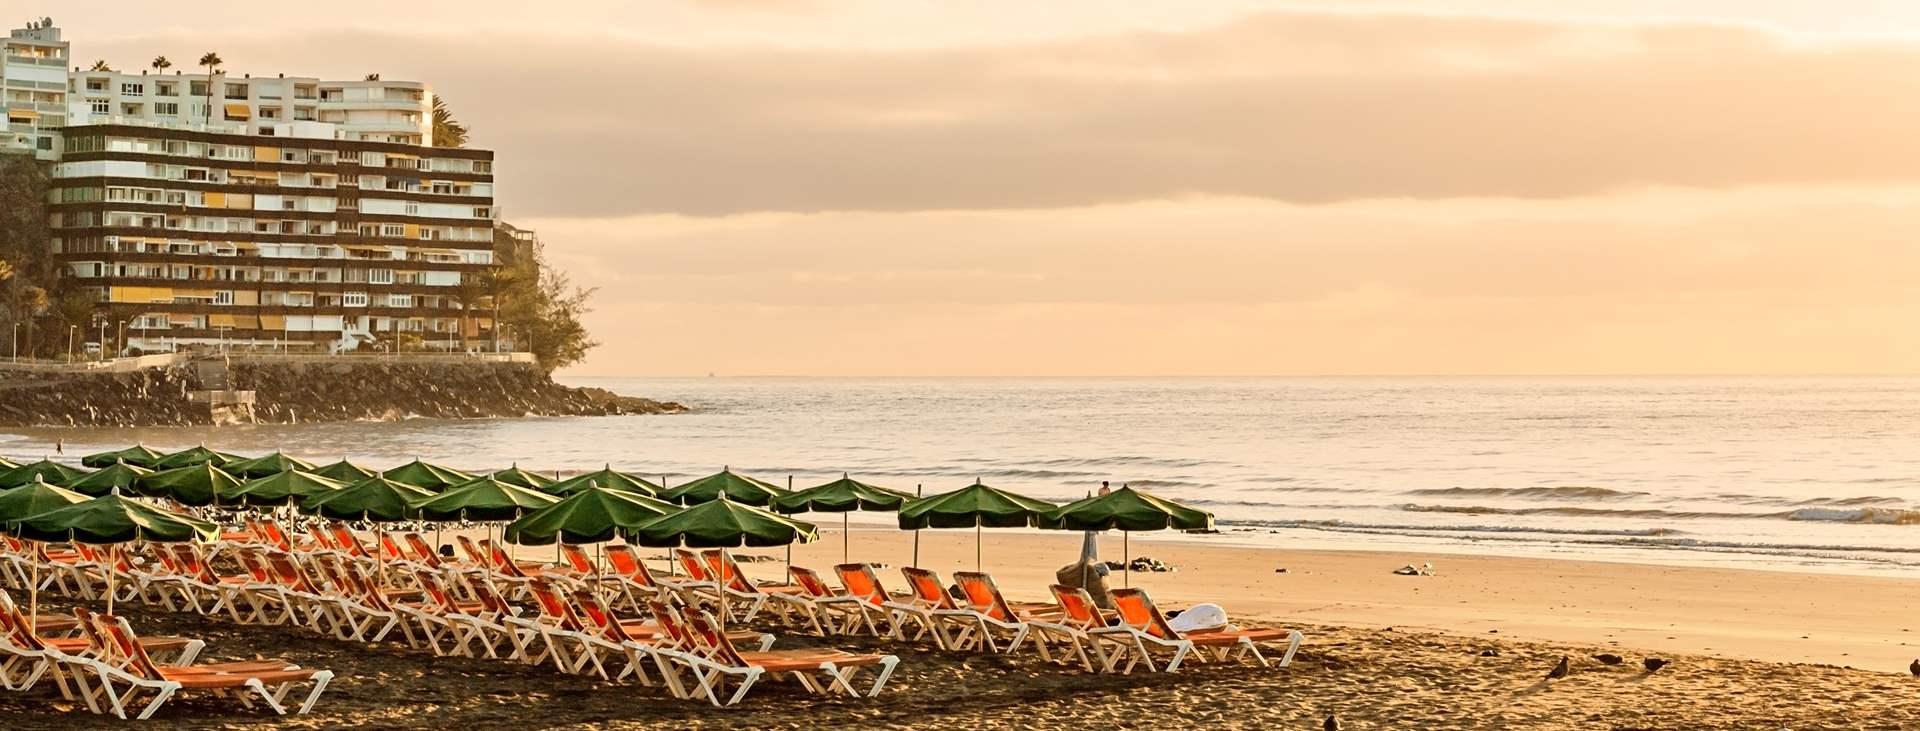 Boka din resa till San Agustin på Gran Canaria med Ving